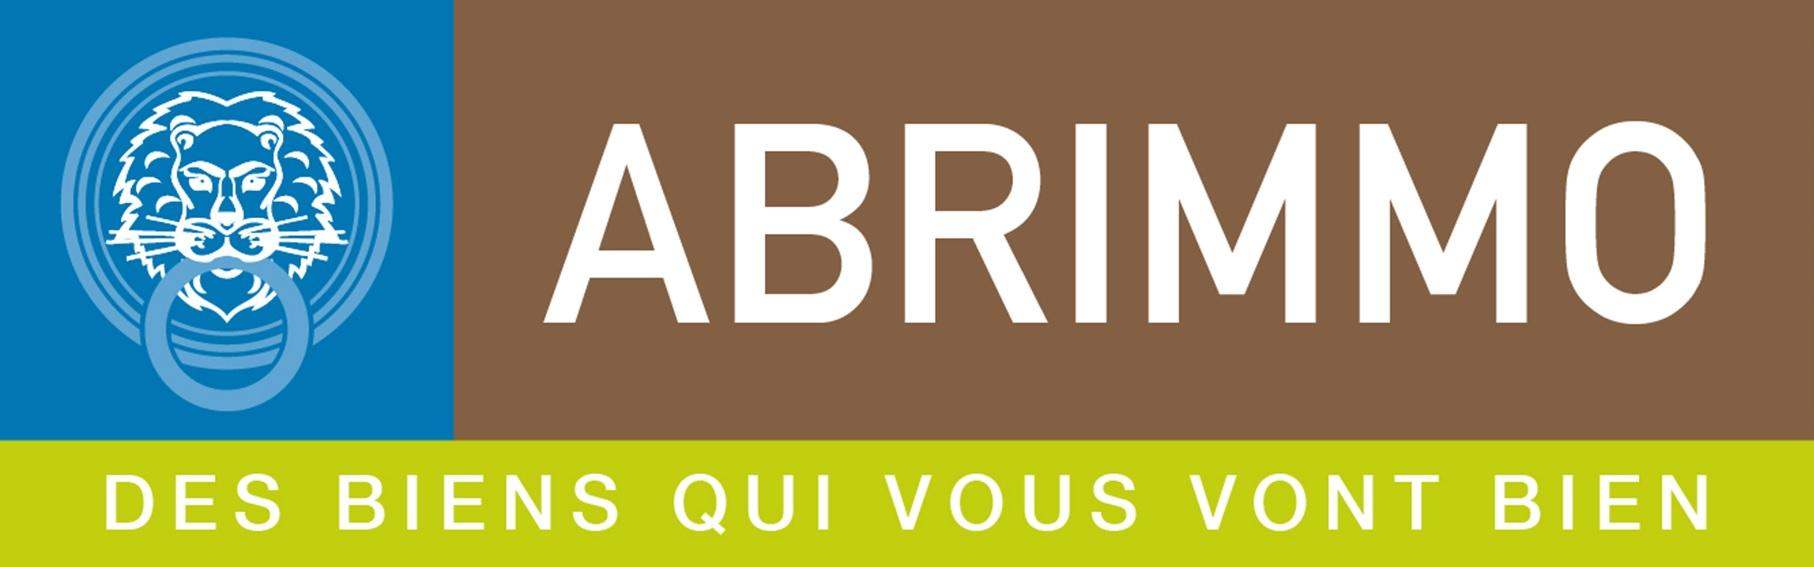 ABRIMMO NOEUX LES MINES agence immobilière Nœux-les-Mines (62290)